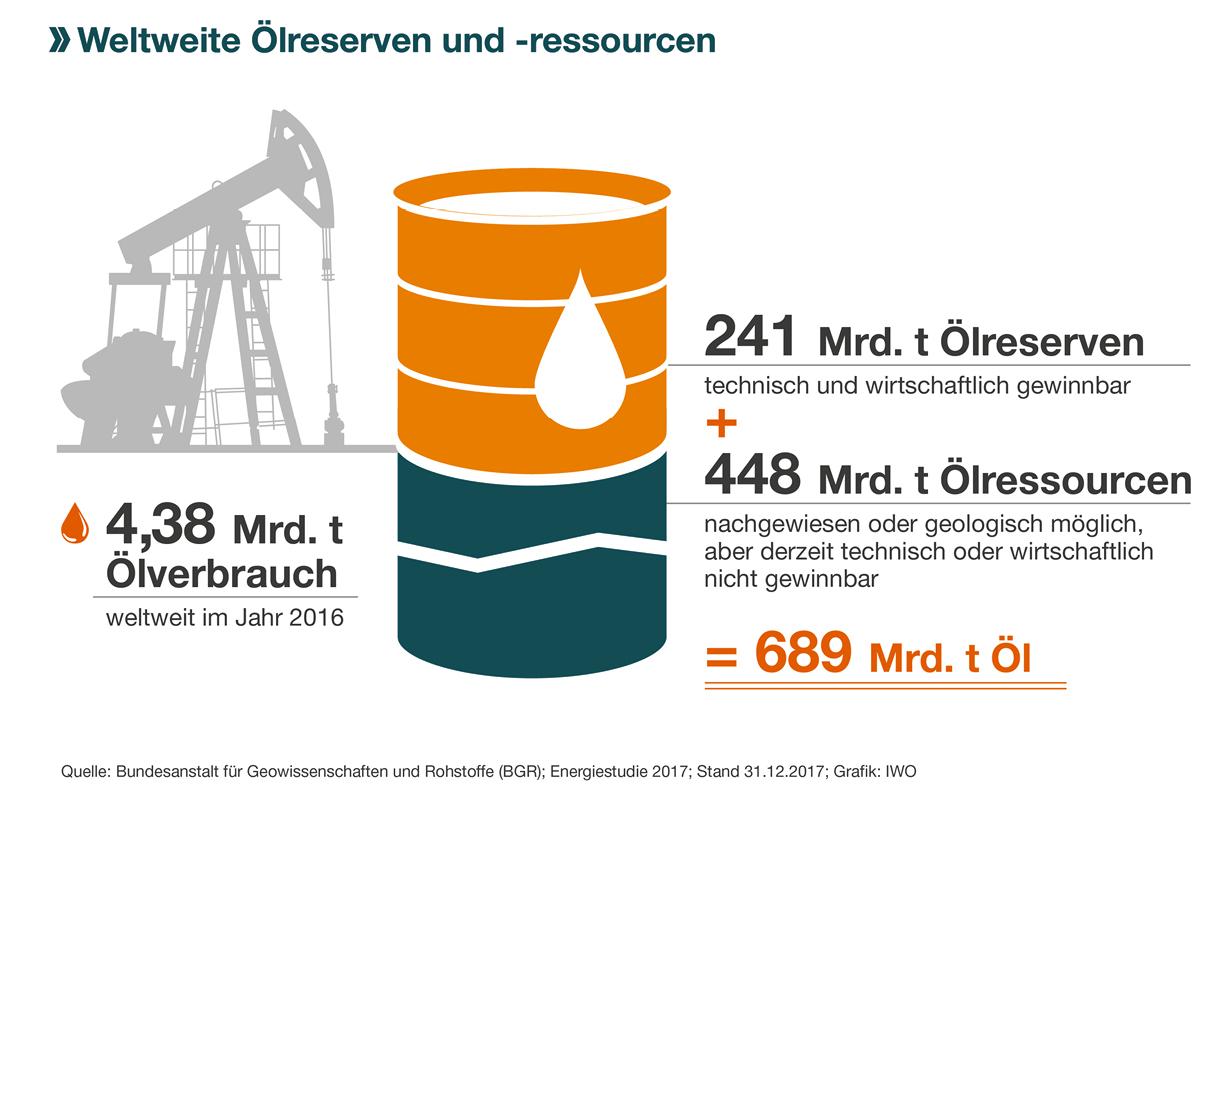 IWO-Pressegrafik_Oelreserven_und_Ressourcen